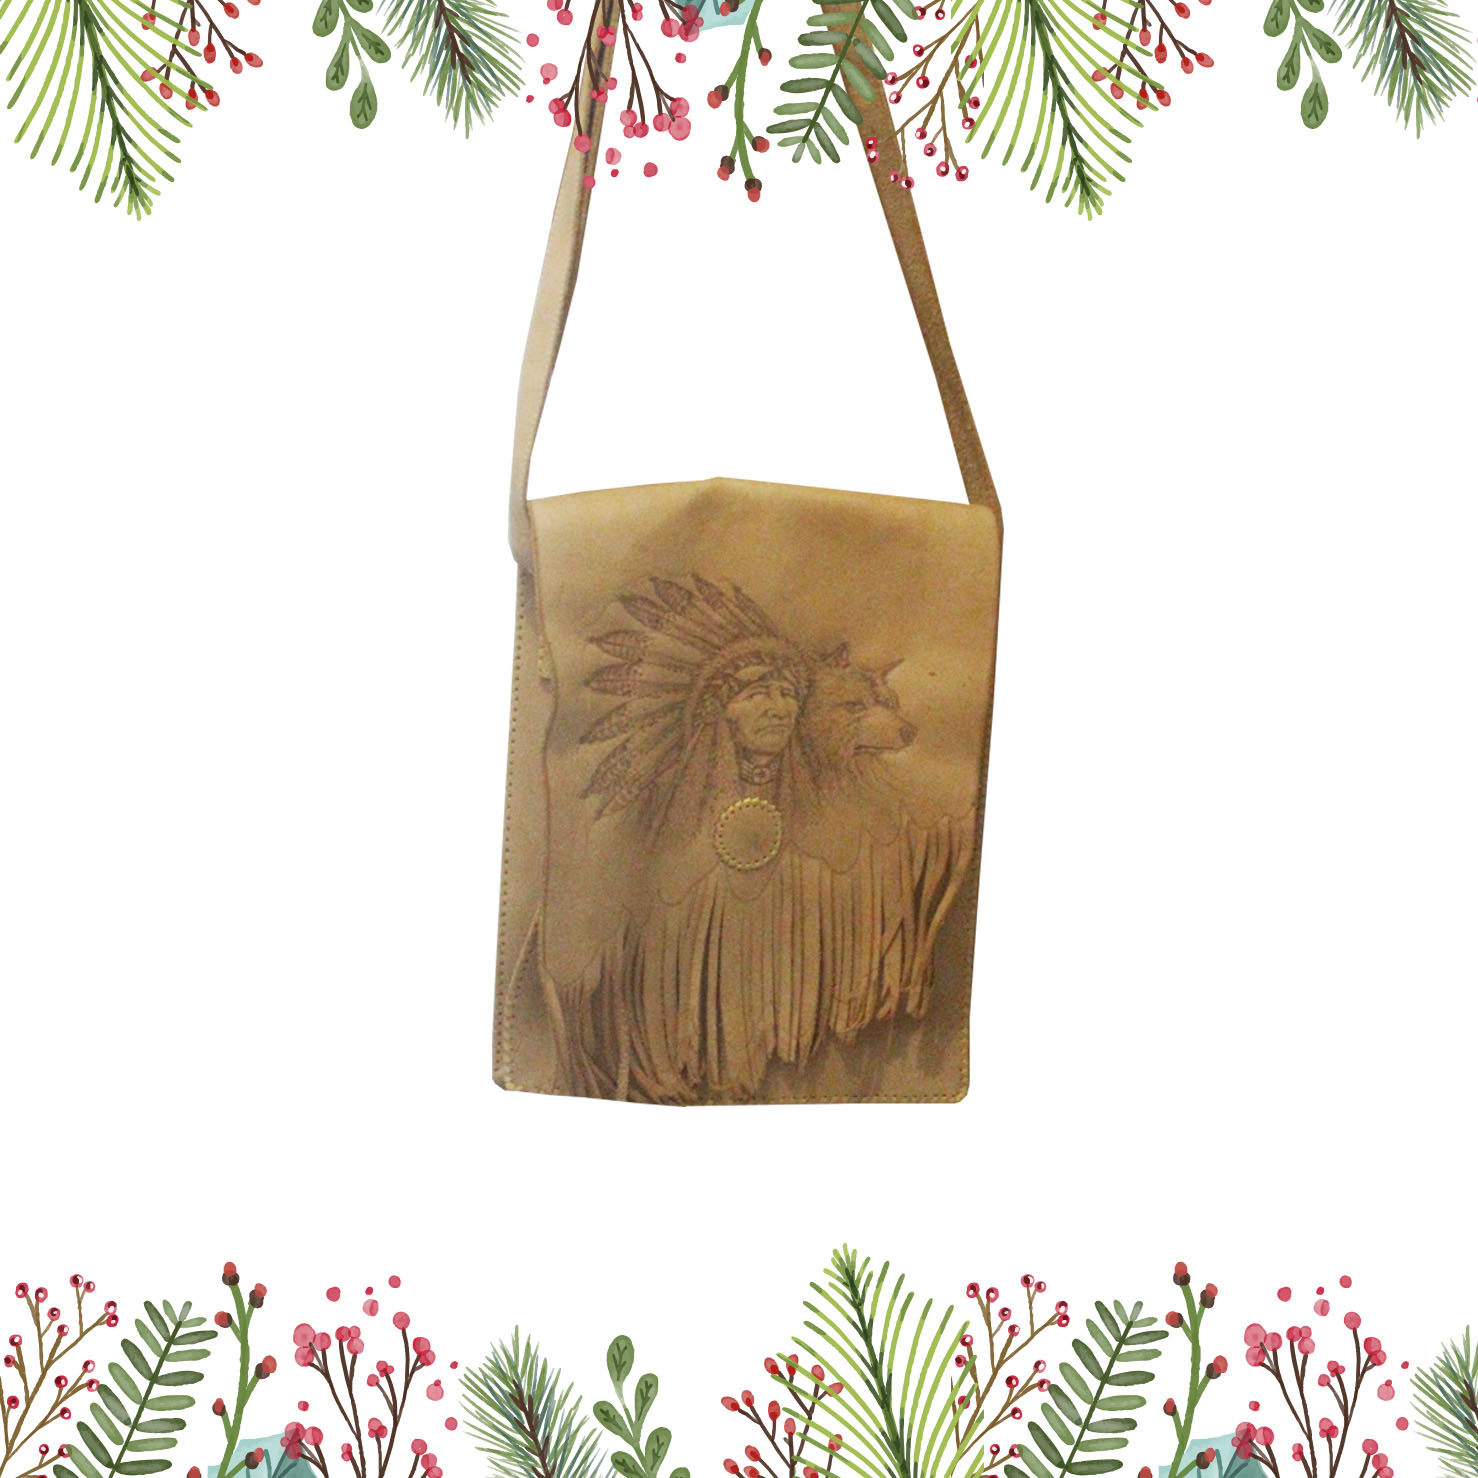 Vintage Indian Bag